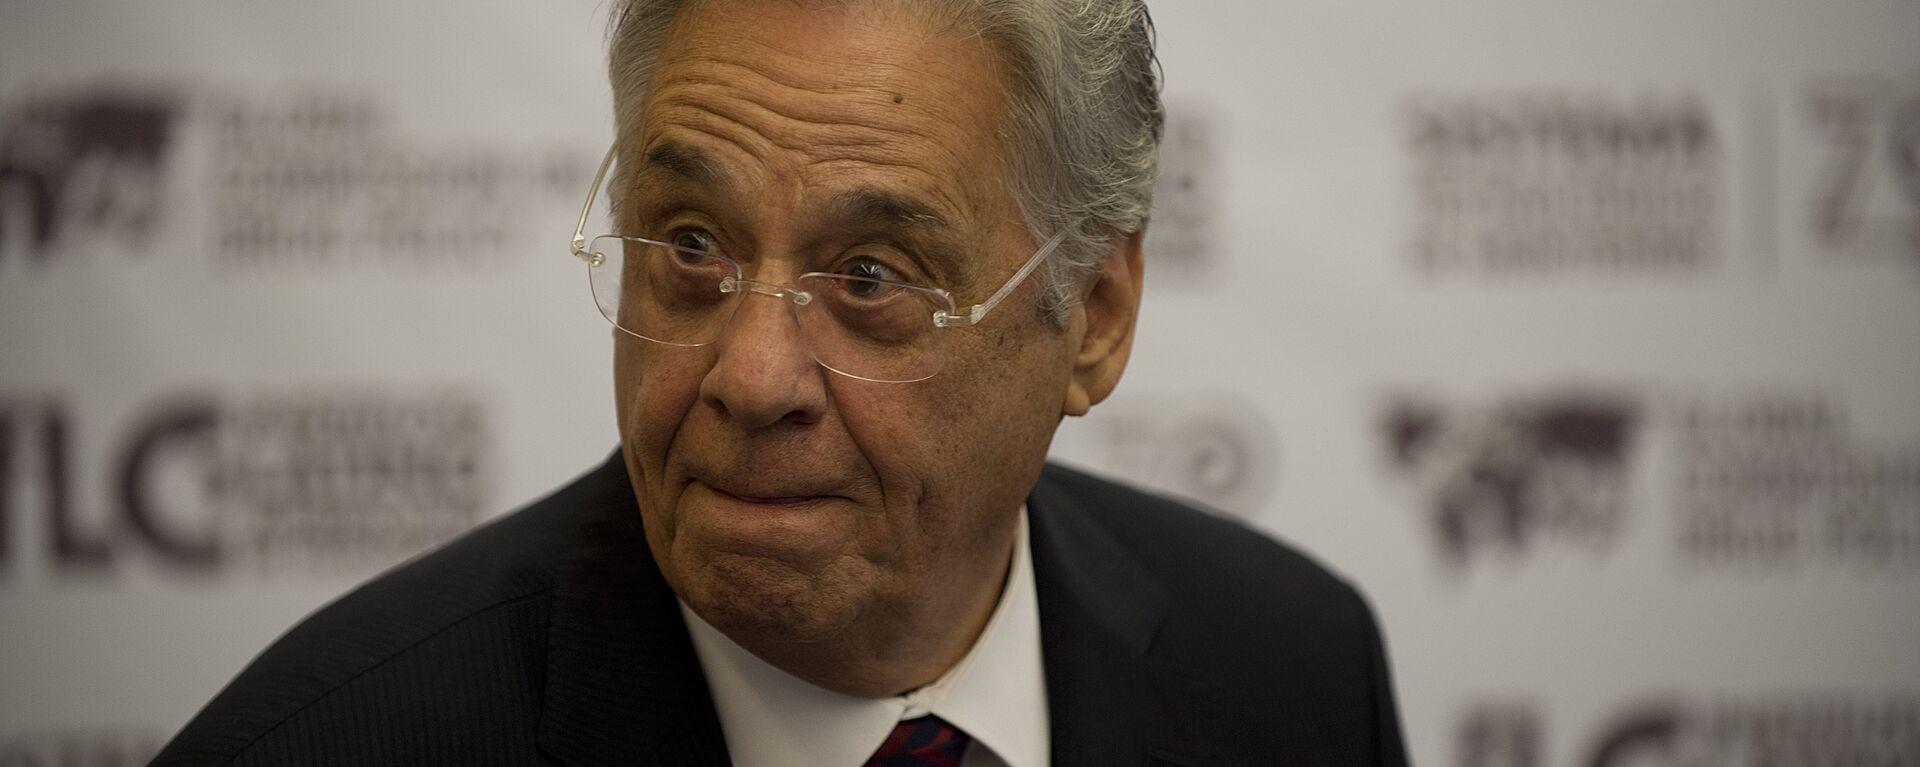 Fernando Henrique Cardoso, expresidente de Brasil  - Sputnik Mundo, 1920, 20.04.2021